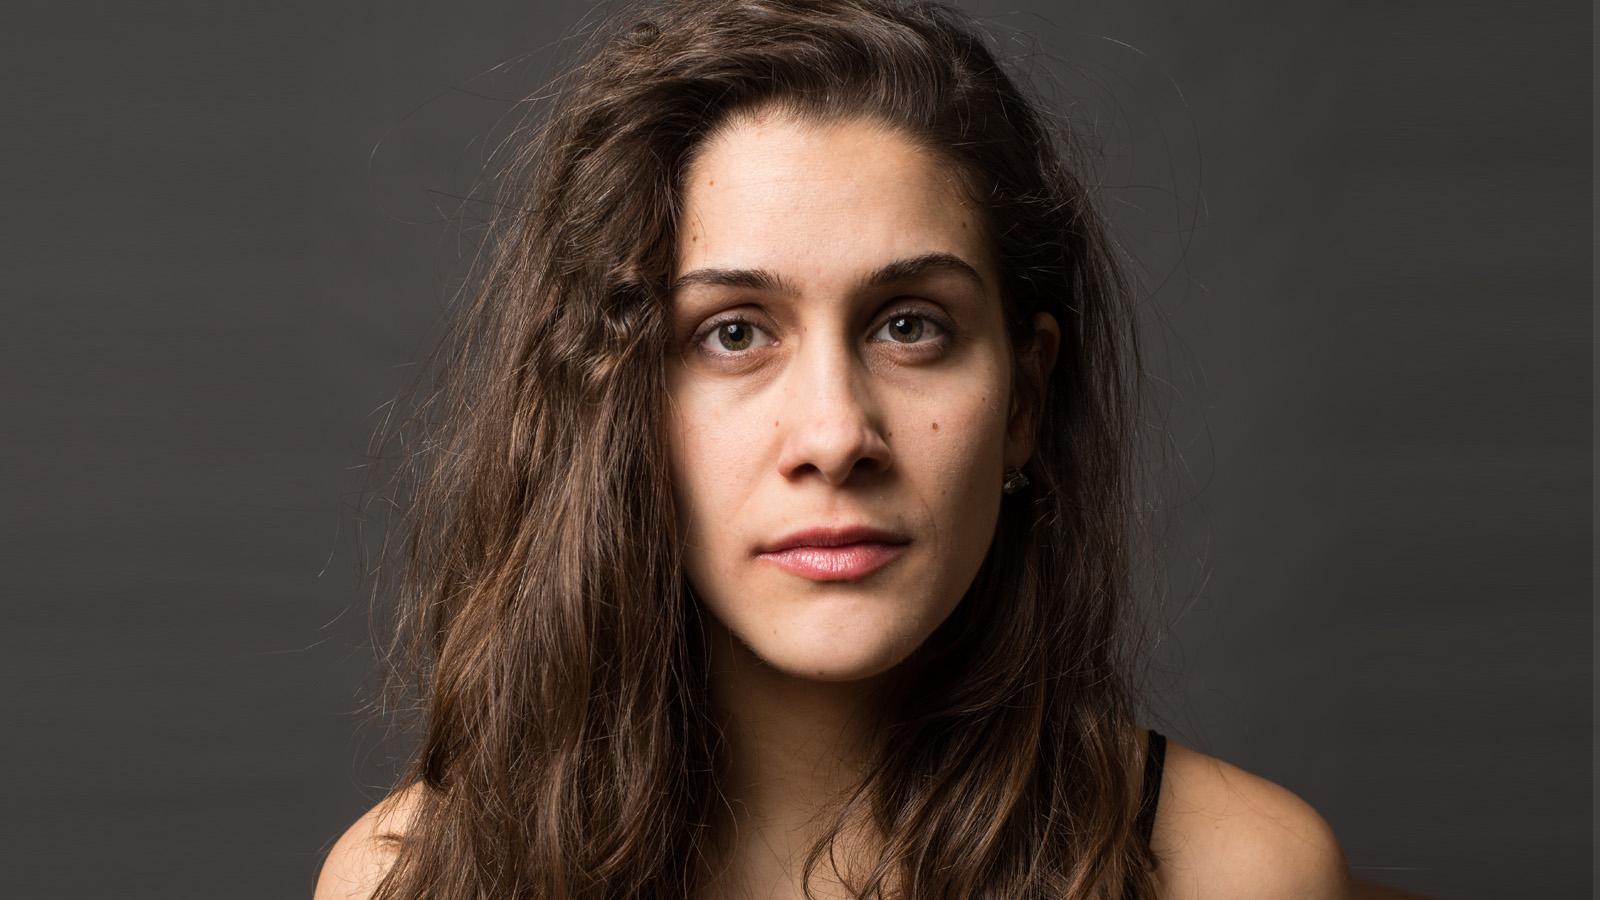 Maria Malizia